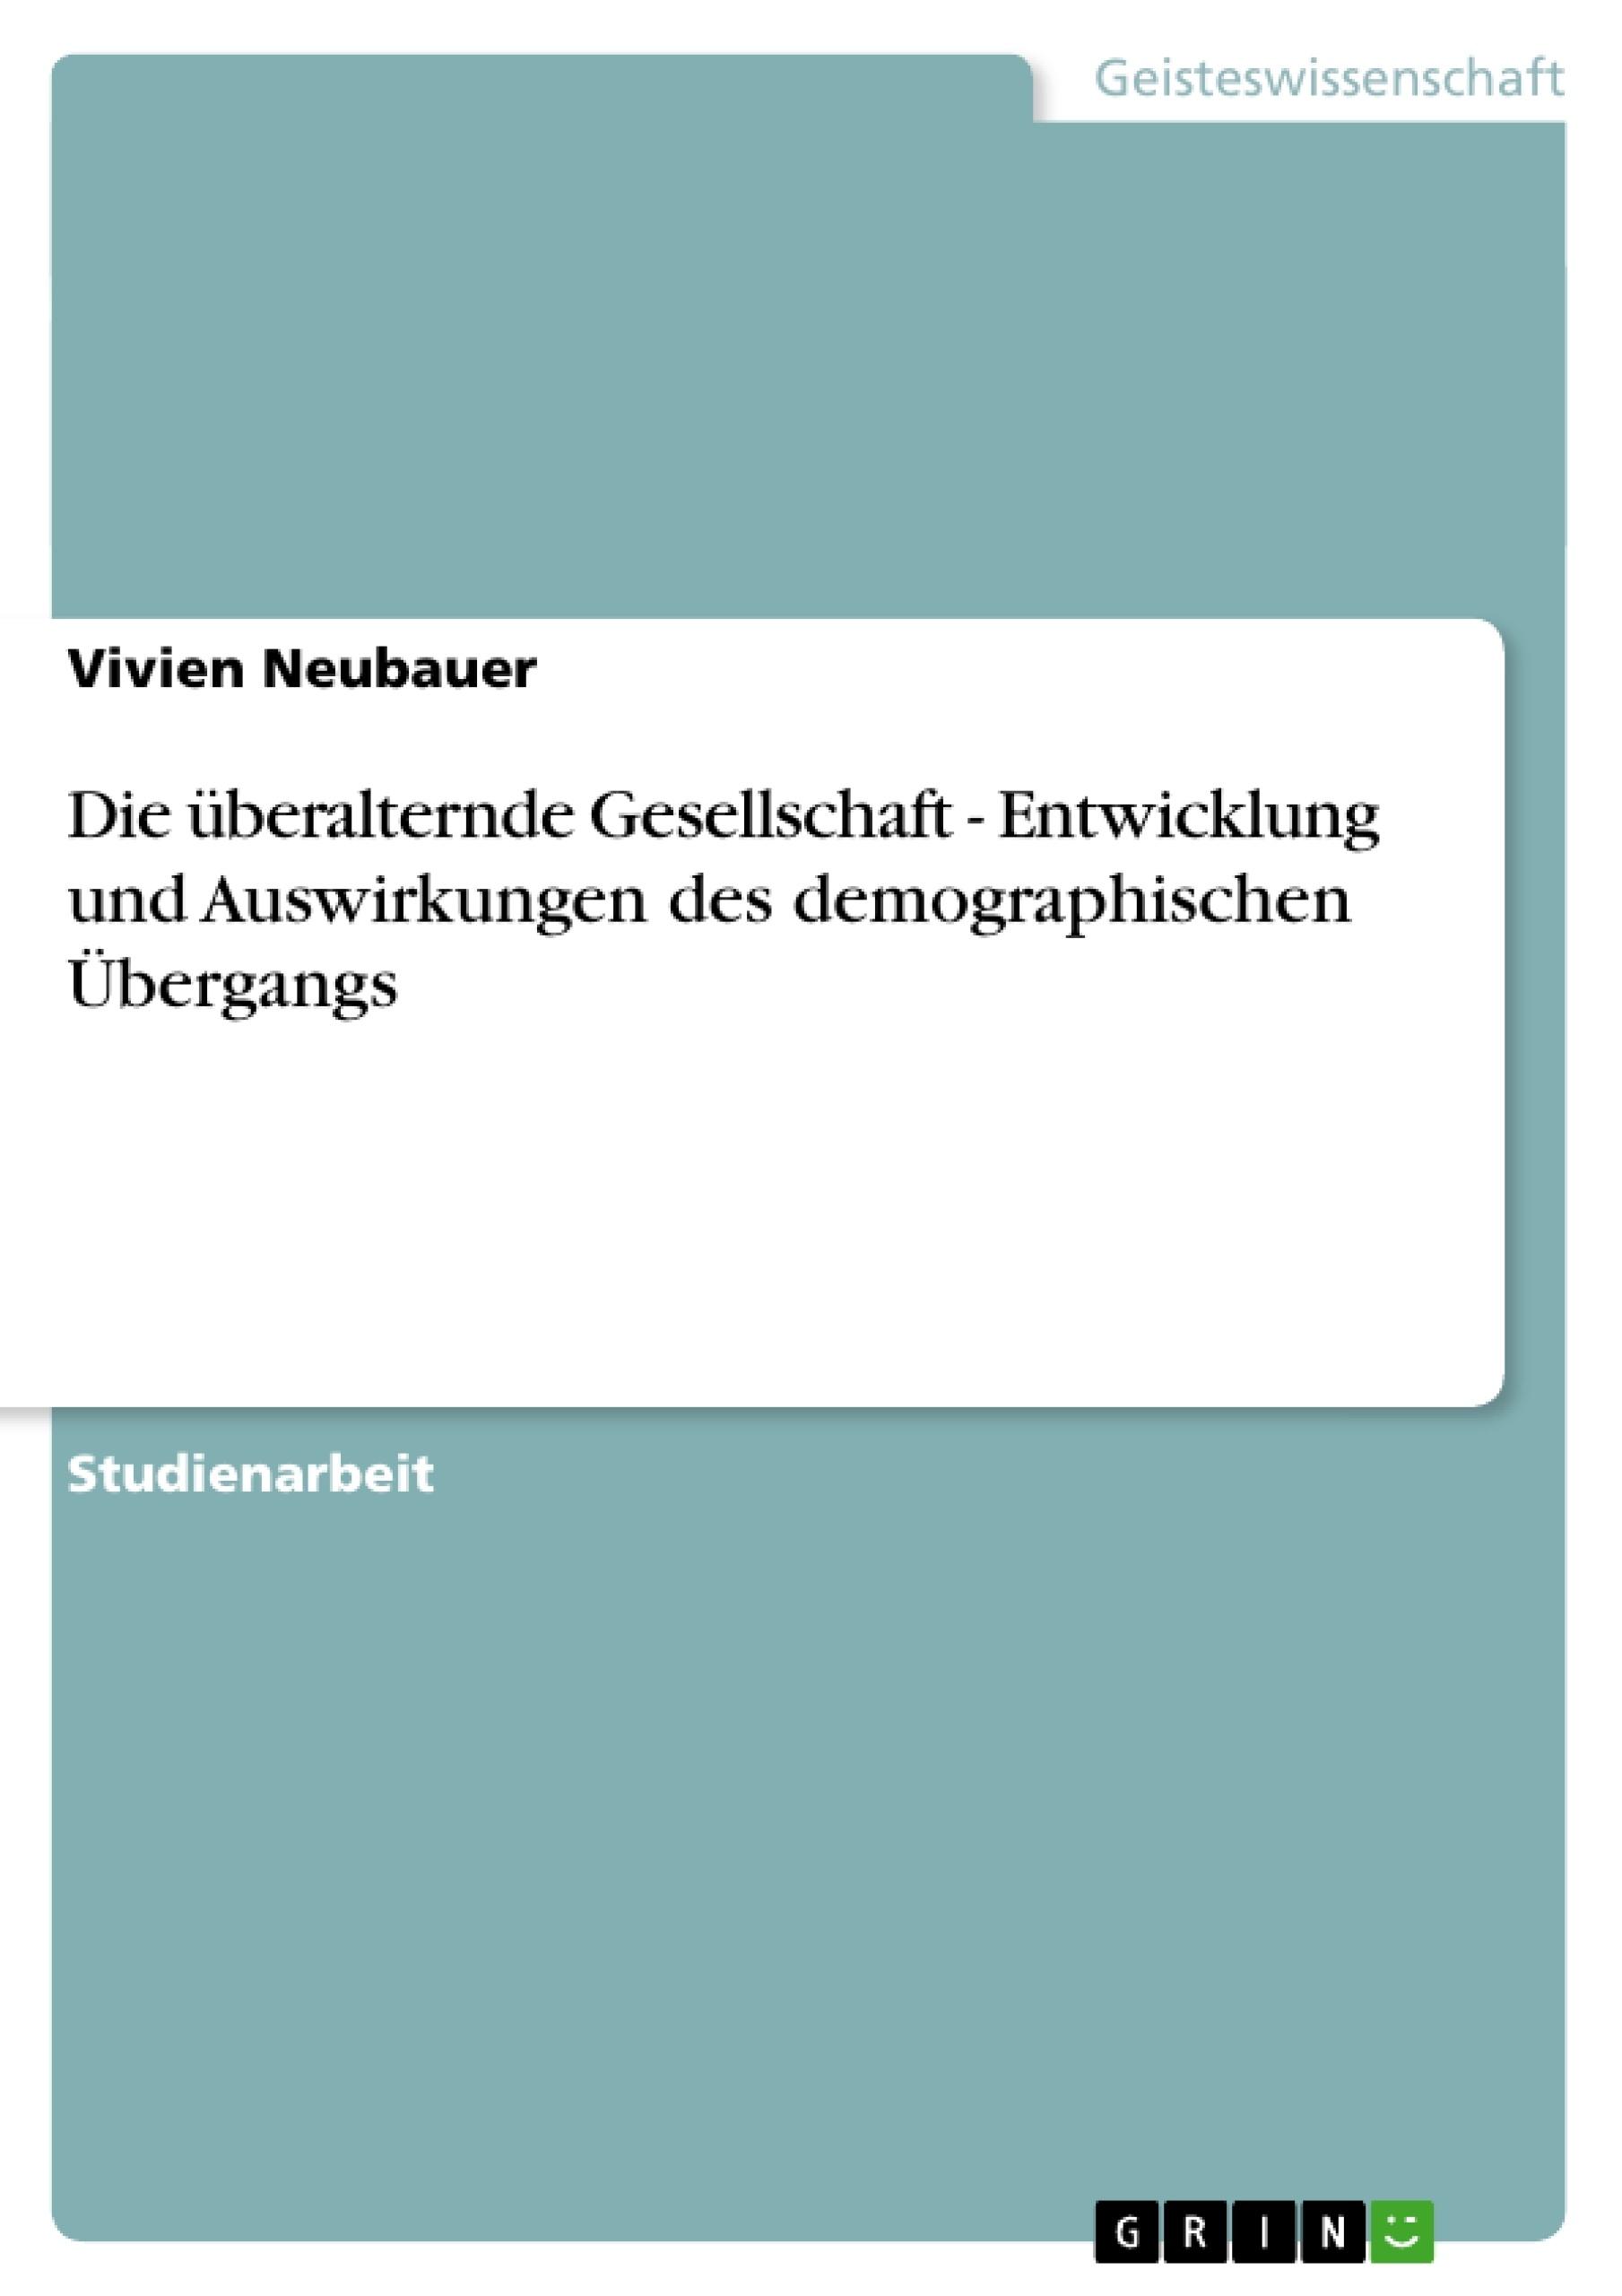 Titel: Die überalternde Gesellschaft - Entwicklung und Auswirkungen des demographischen Übergangs